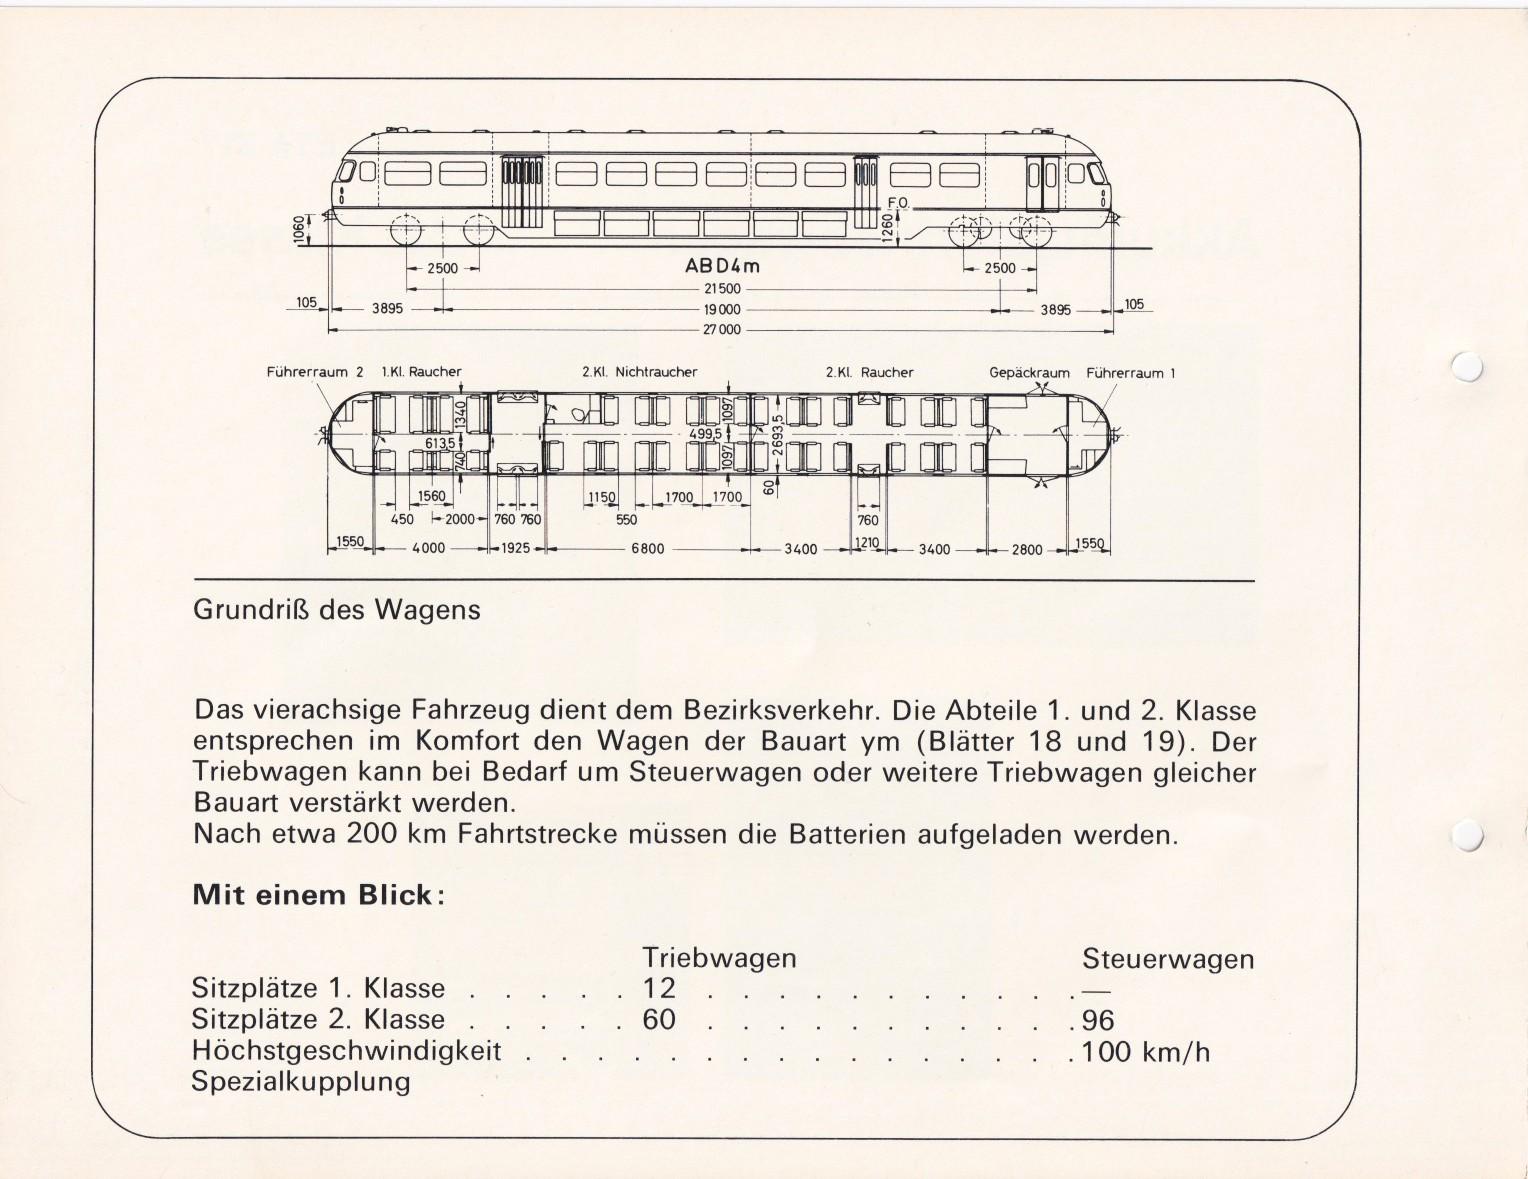 https://www.nullclub.de/hifo/Fahrzeuglexikon/Wagen50d.jpg